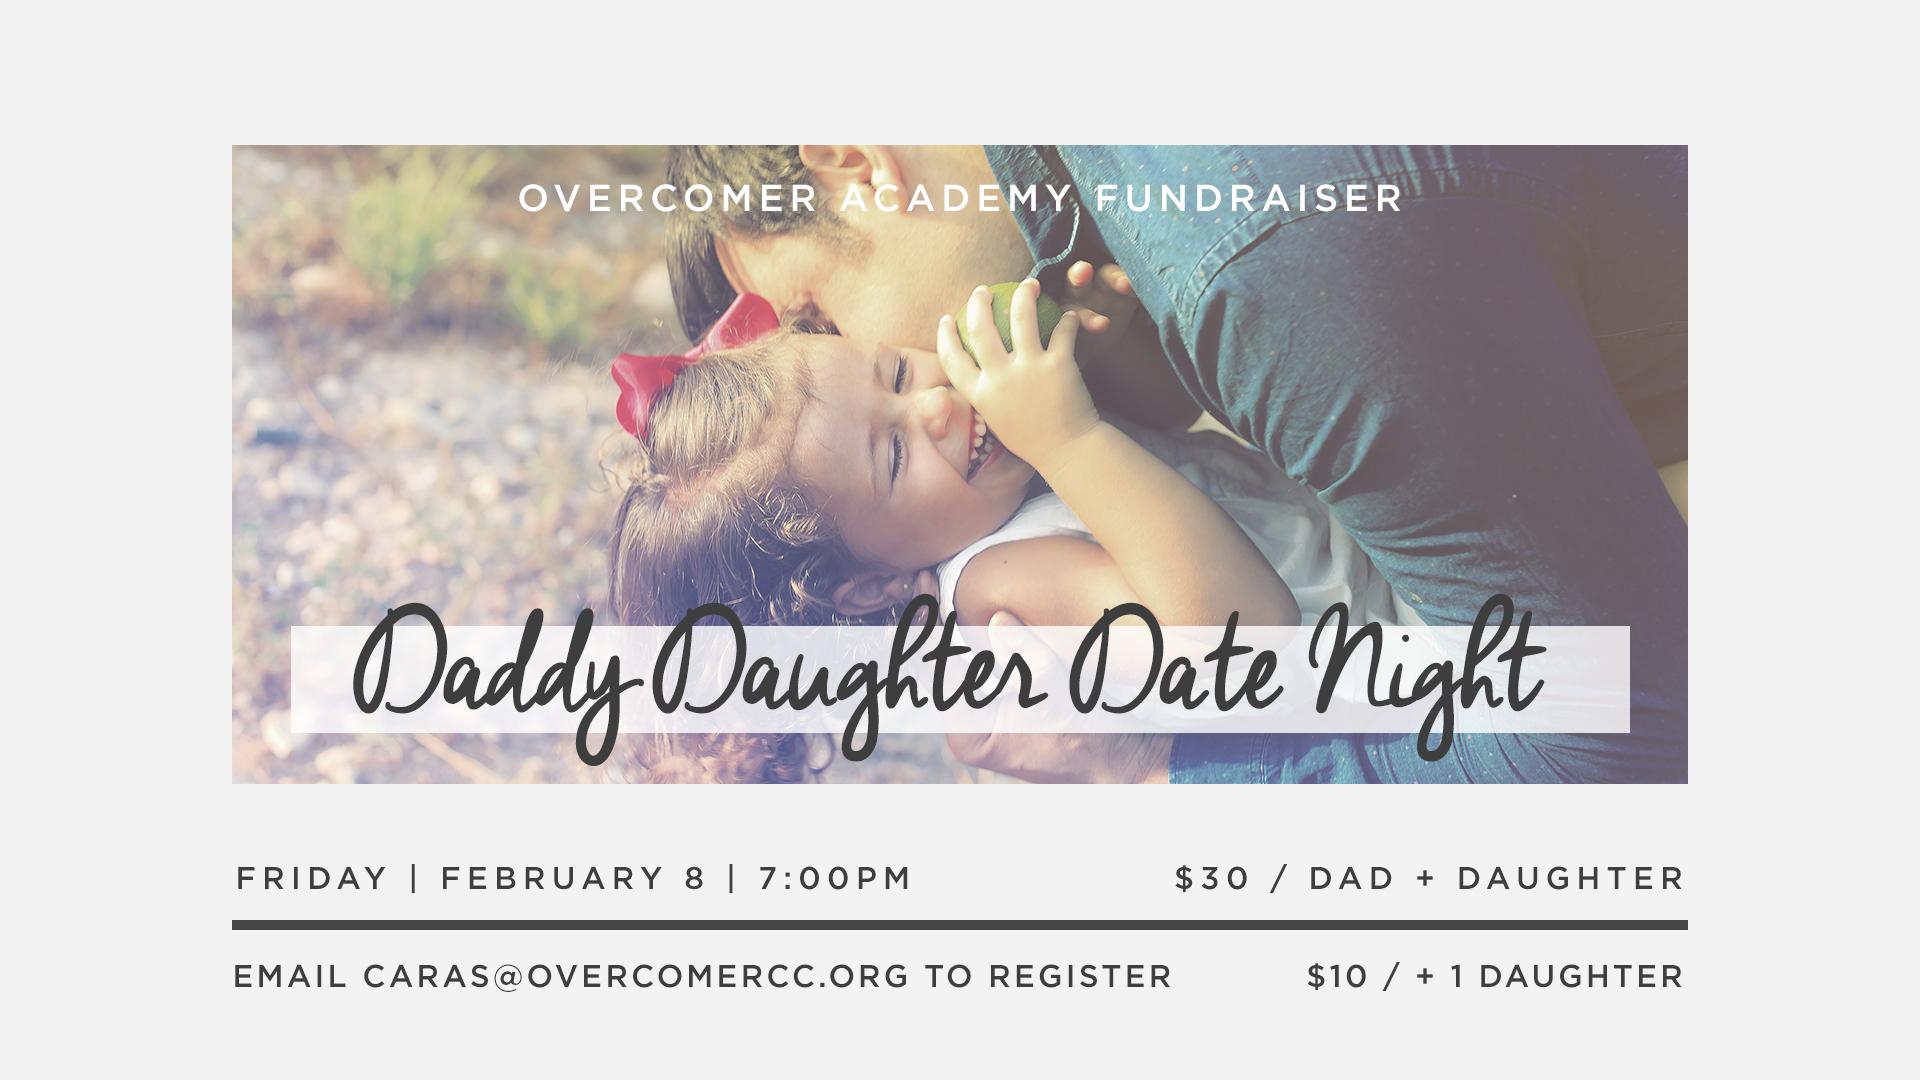 daddy-daughter-date-night.jpg